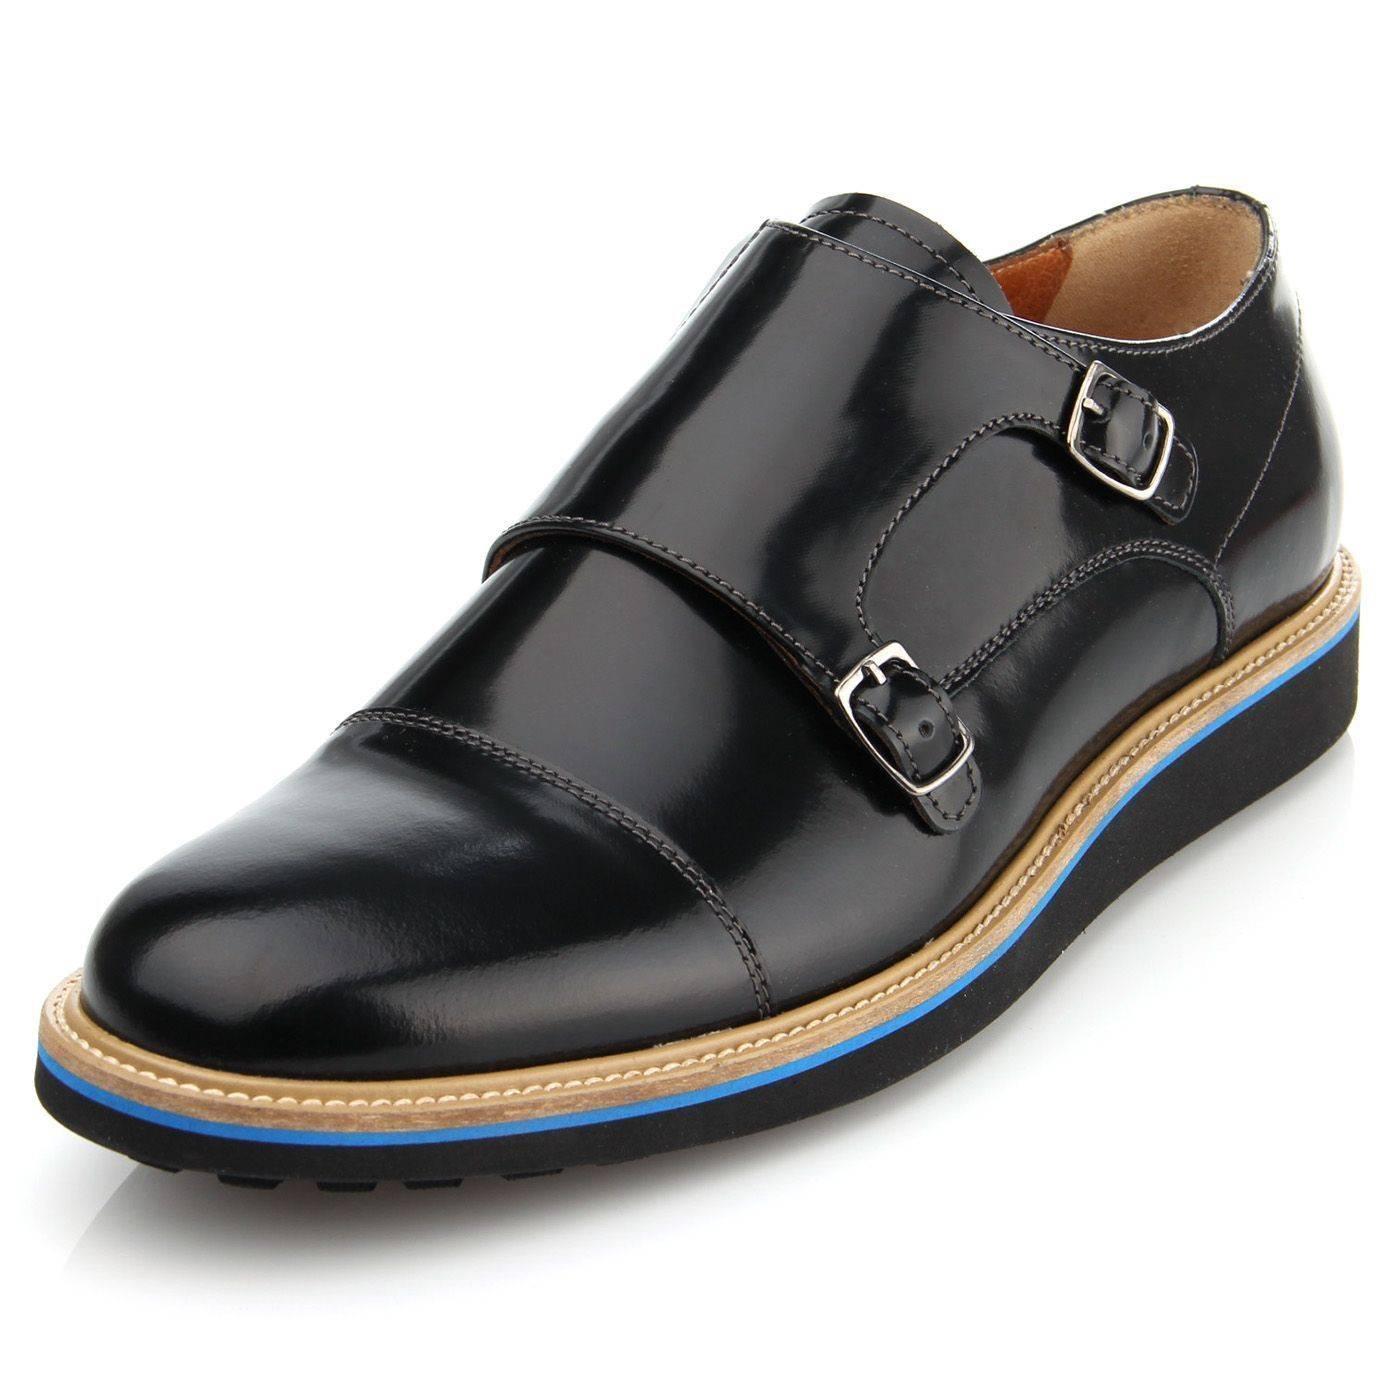 5c107611eb6781 Туфли мужские Domeno 3478 Черный купить по выгодной цене в интернет ...